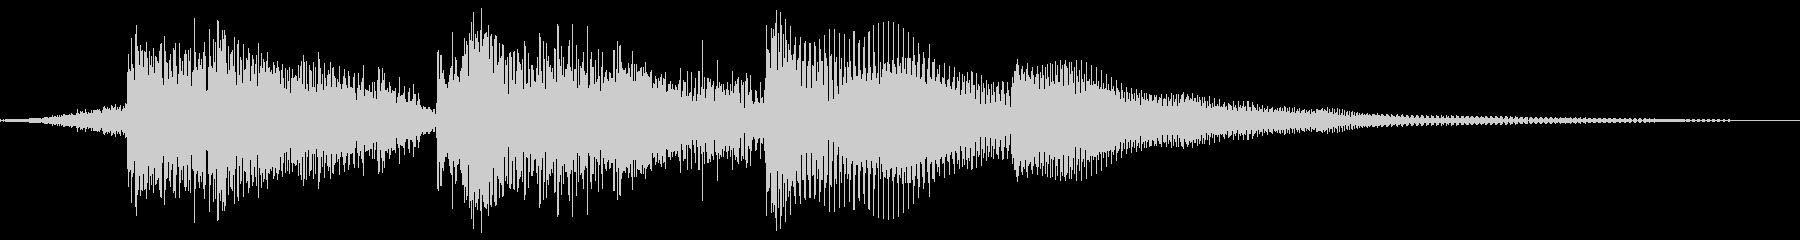 アコースティックギターと控えめなド...の未再生の波形